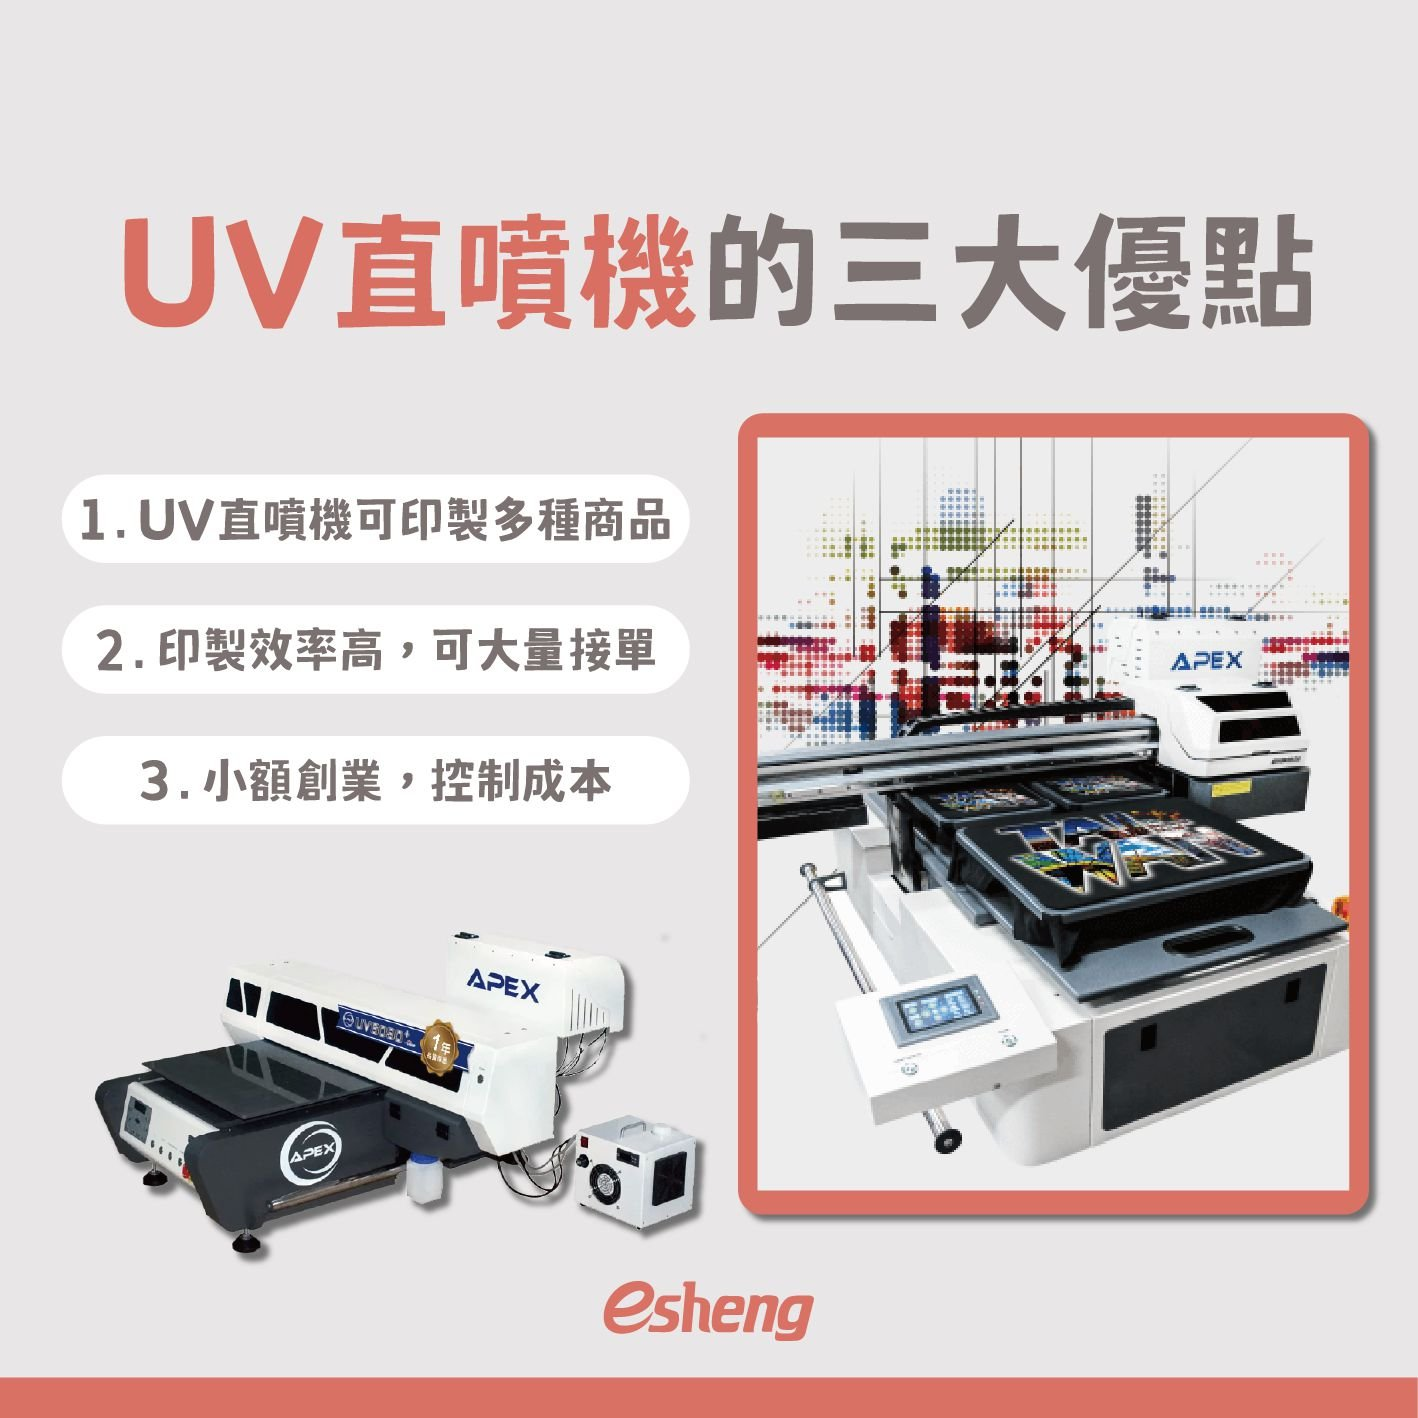 UV直噴機的三大優點